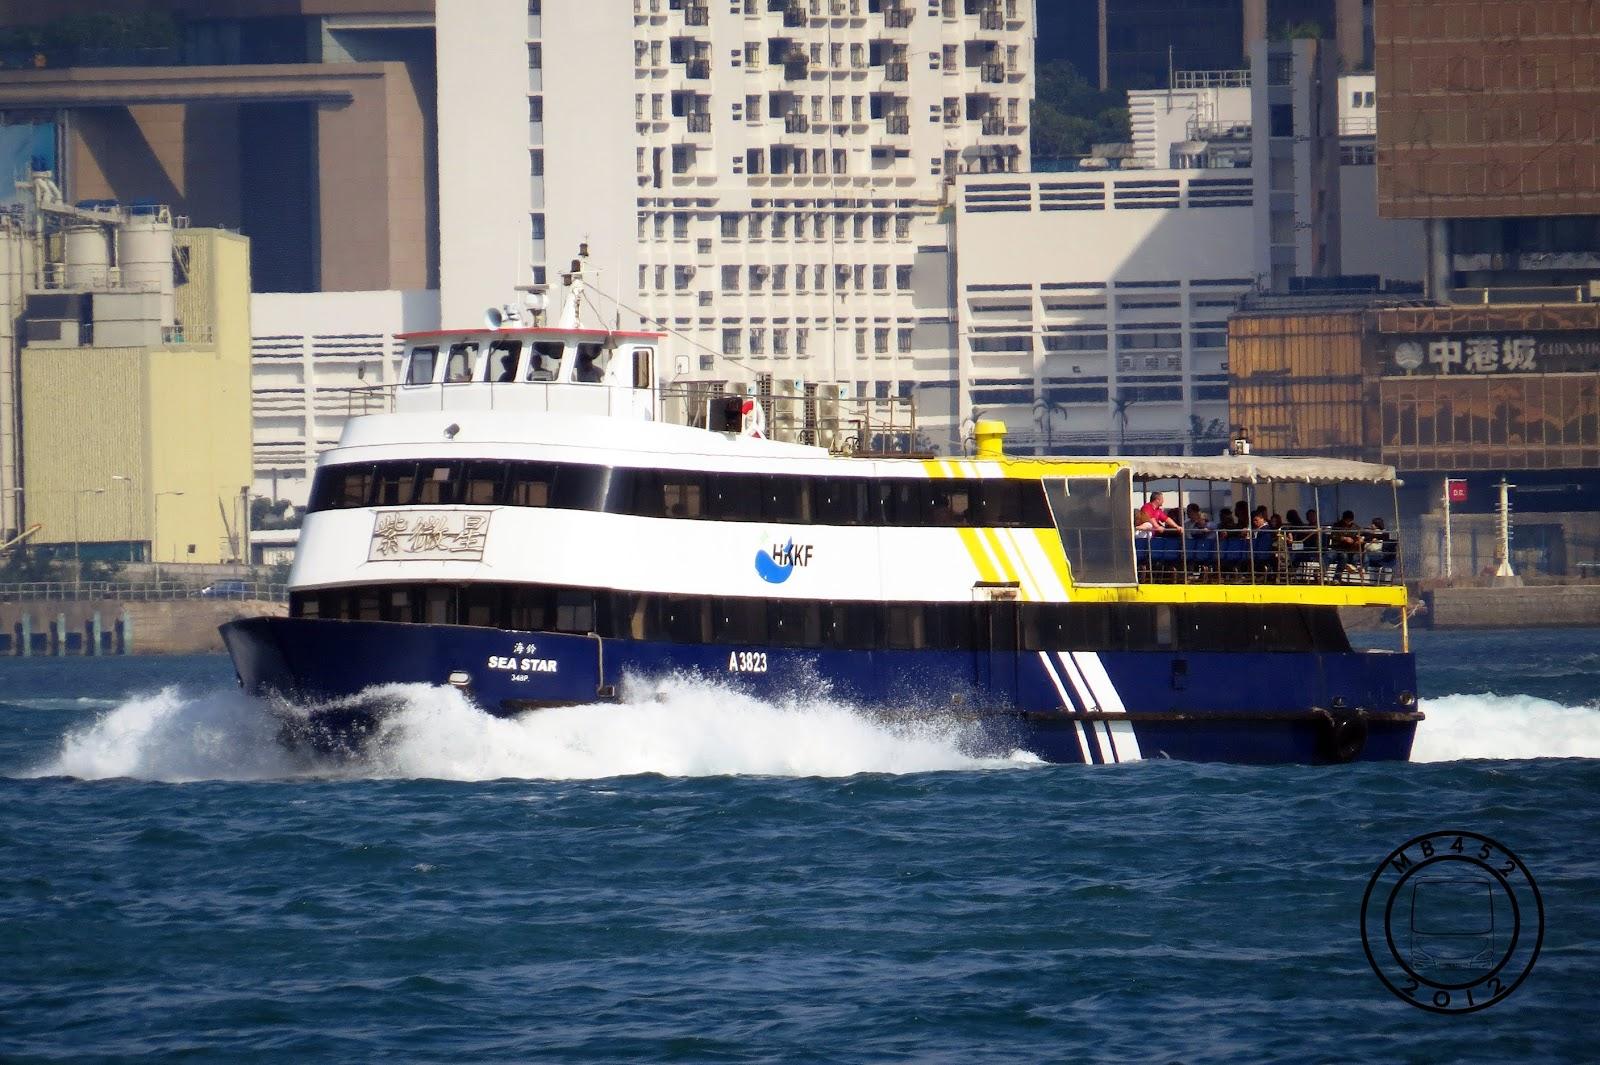 港九小輪 HKKF - 財利普通船 - 香港渡輪集 Hong Kong Ferries